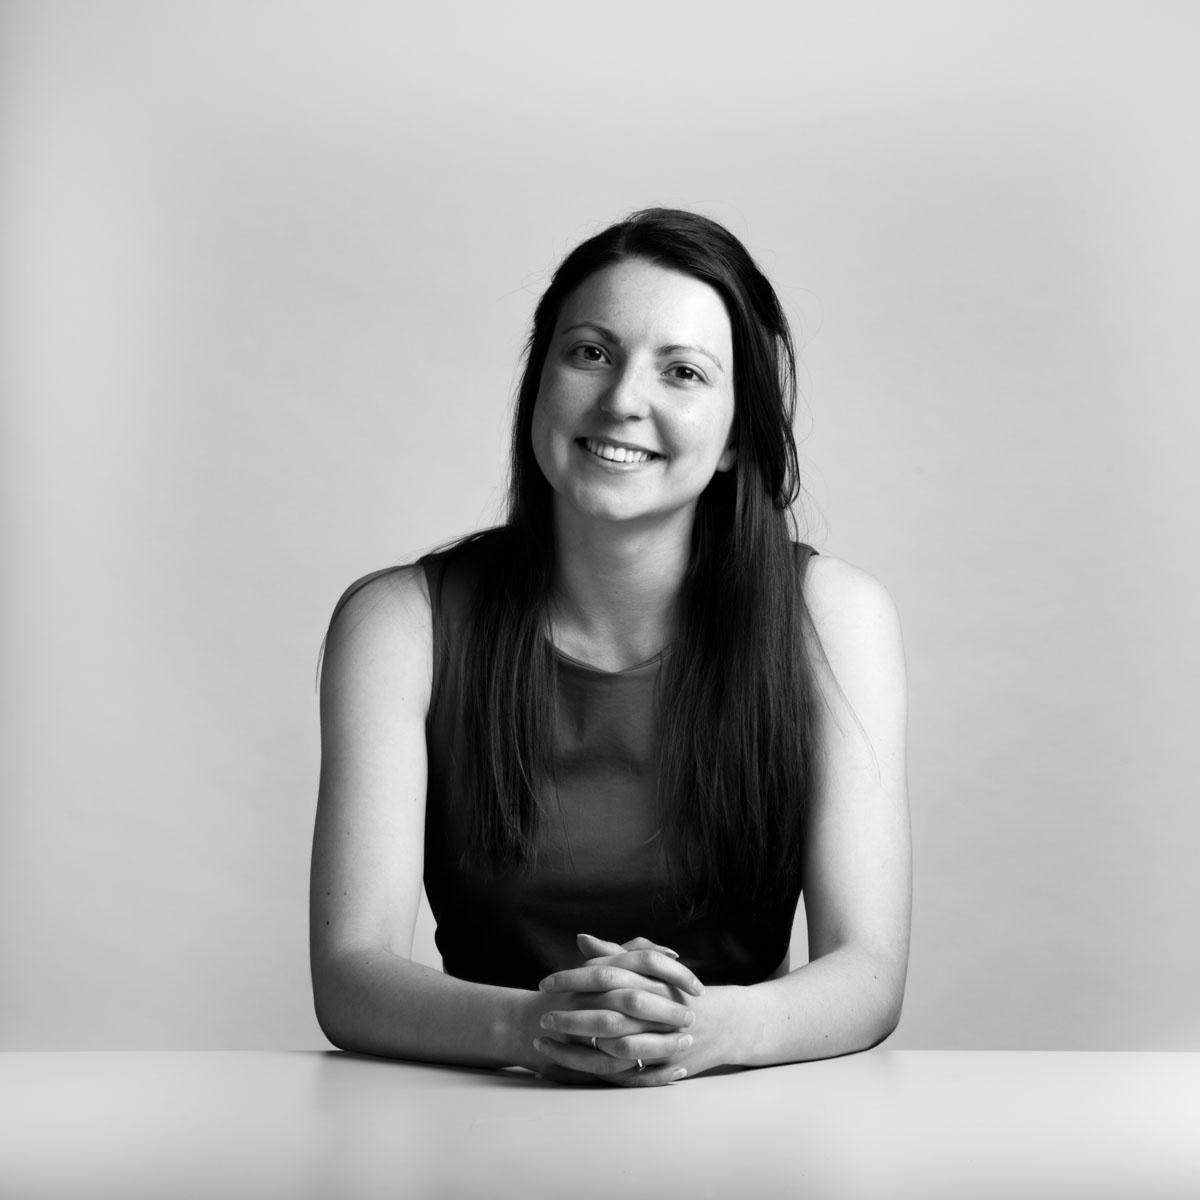 Sarah Marney